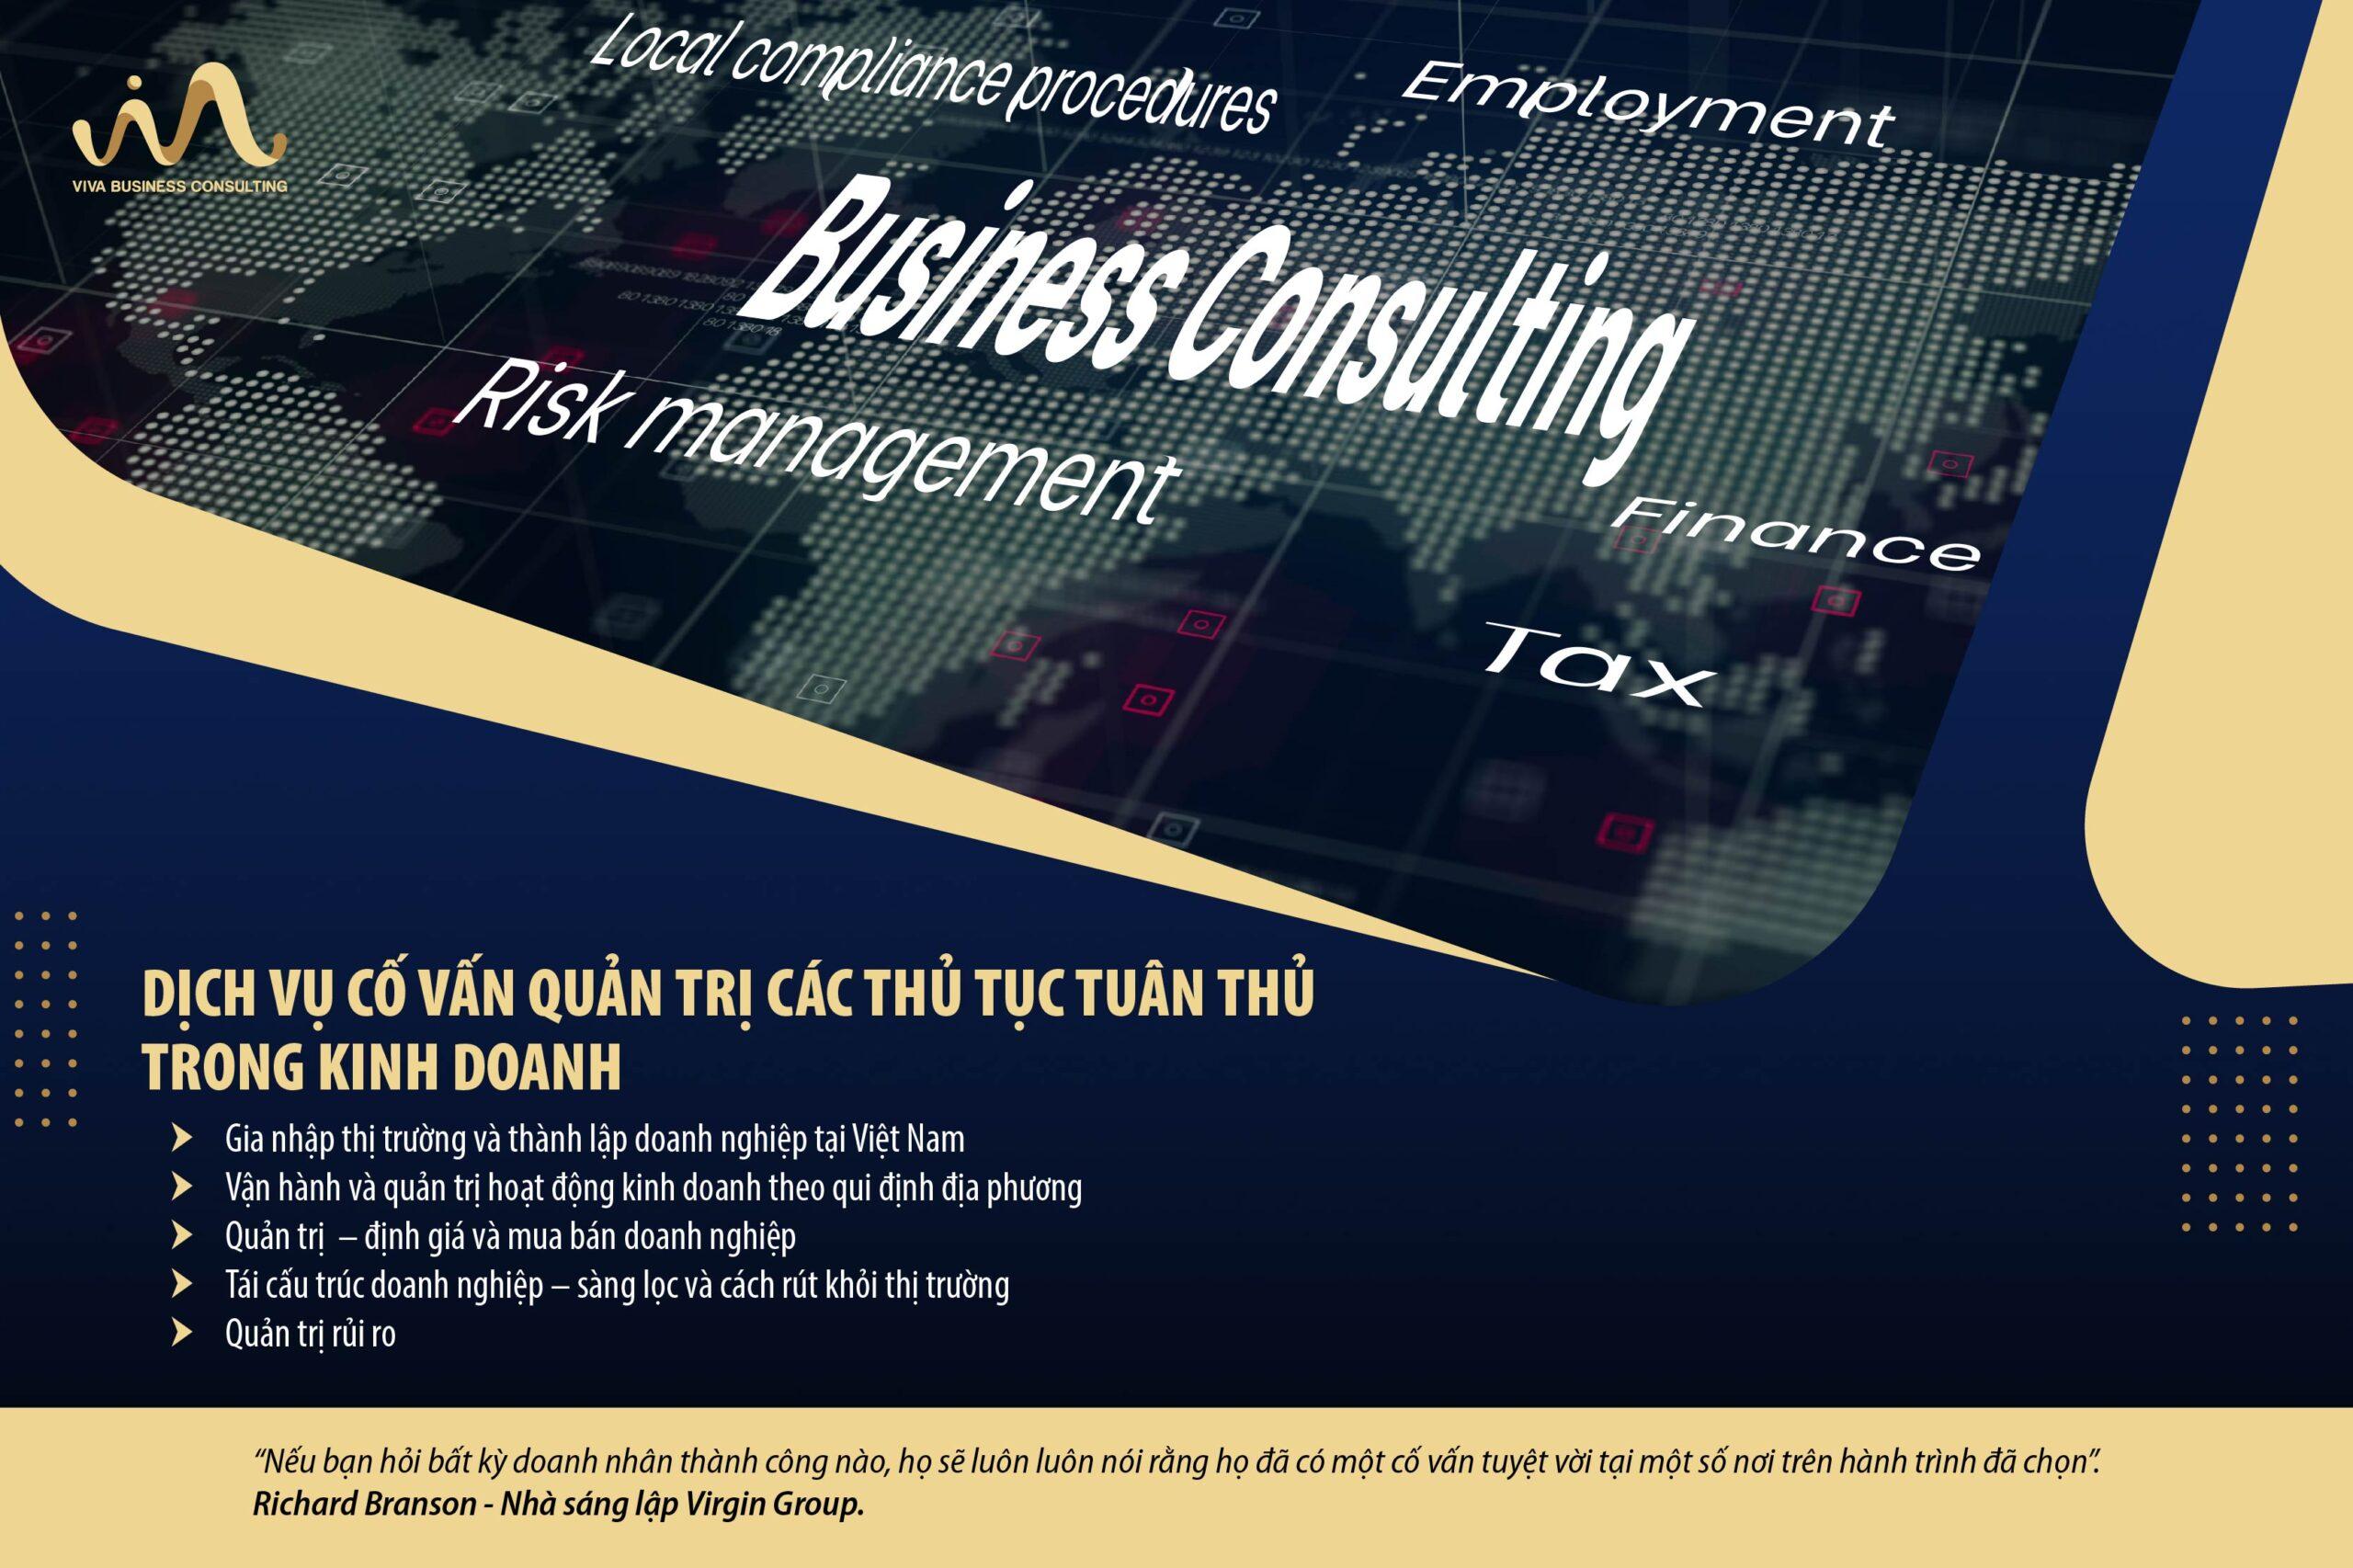 Dịch vụ cố vấn & quản trị các thủ tục tuân thủ trong kinh doanh